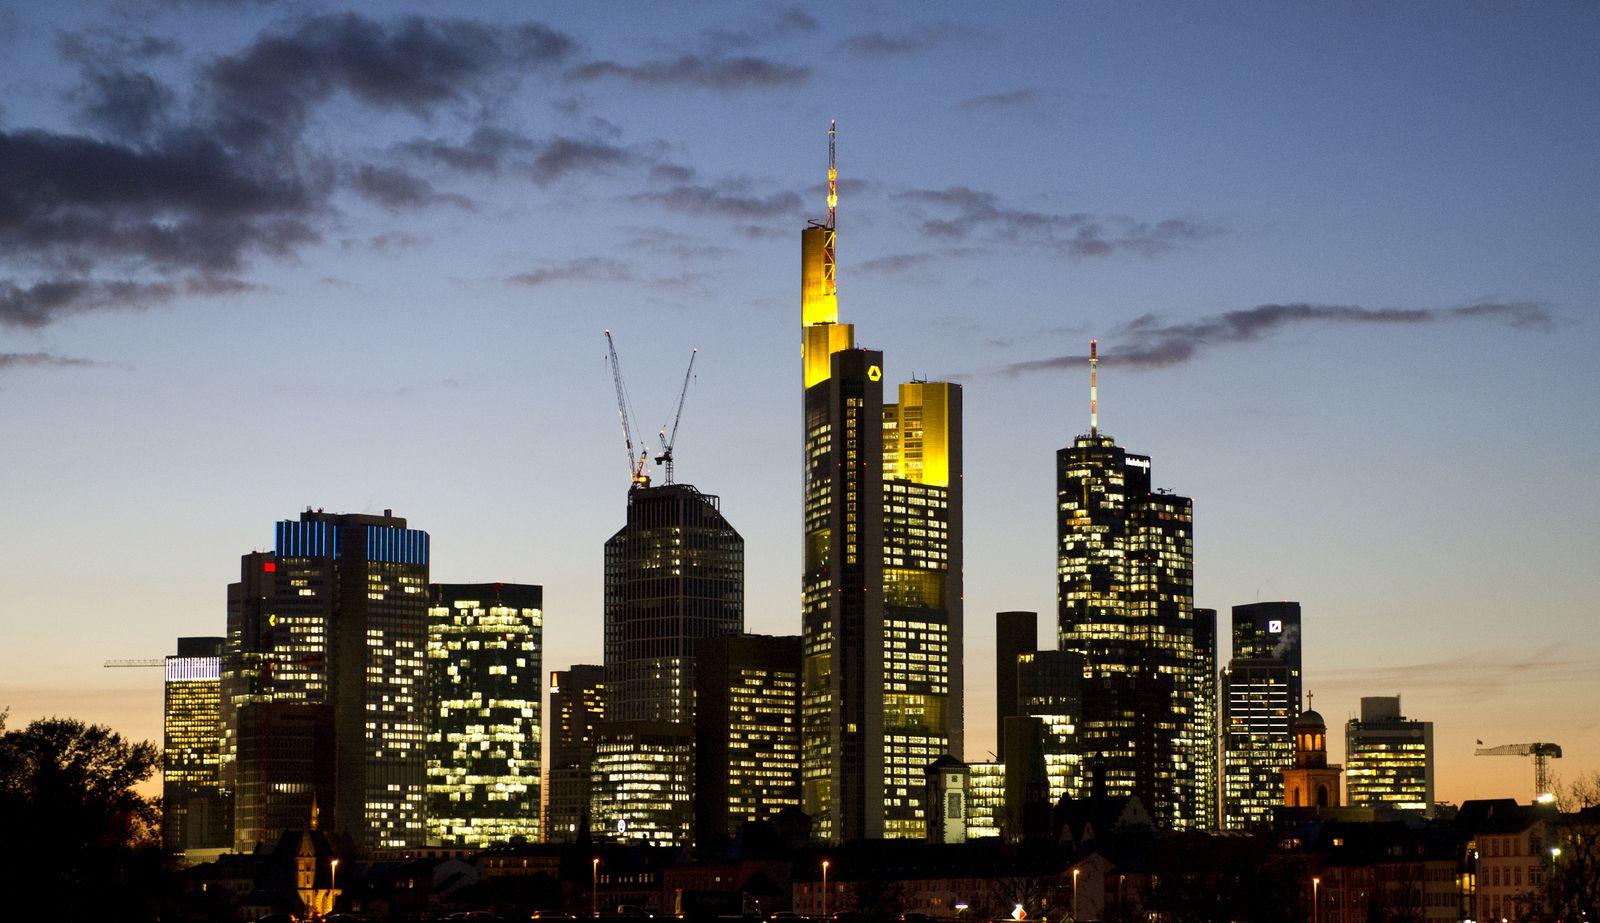 Commerzbank/ Zentrale/ Skyline/ Frankfurt